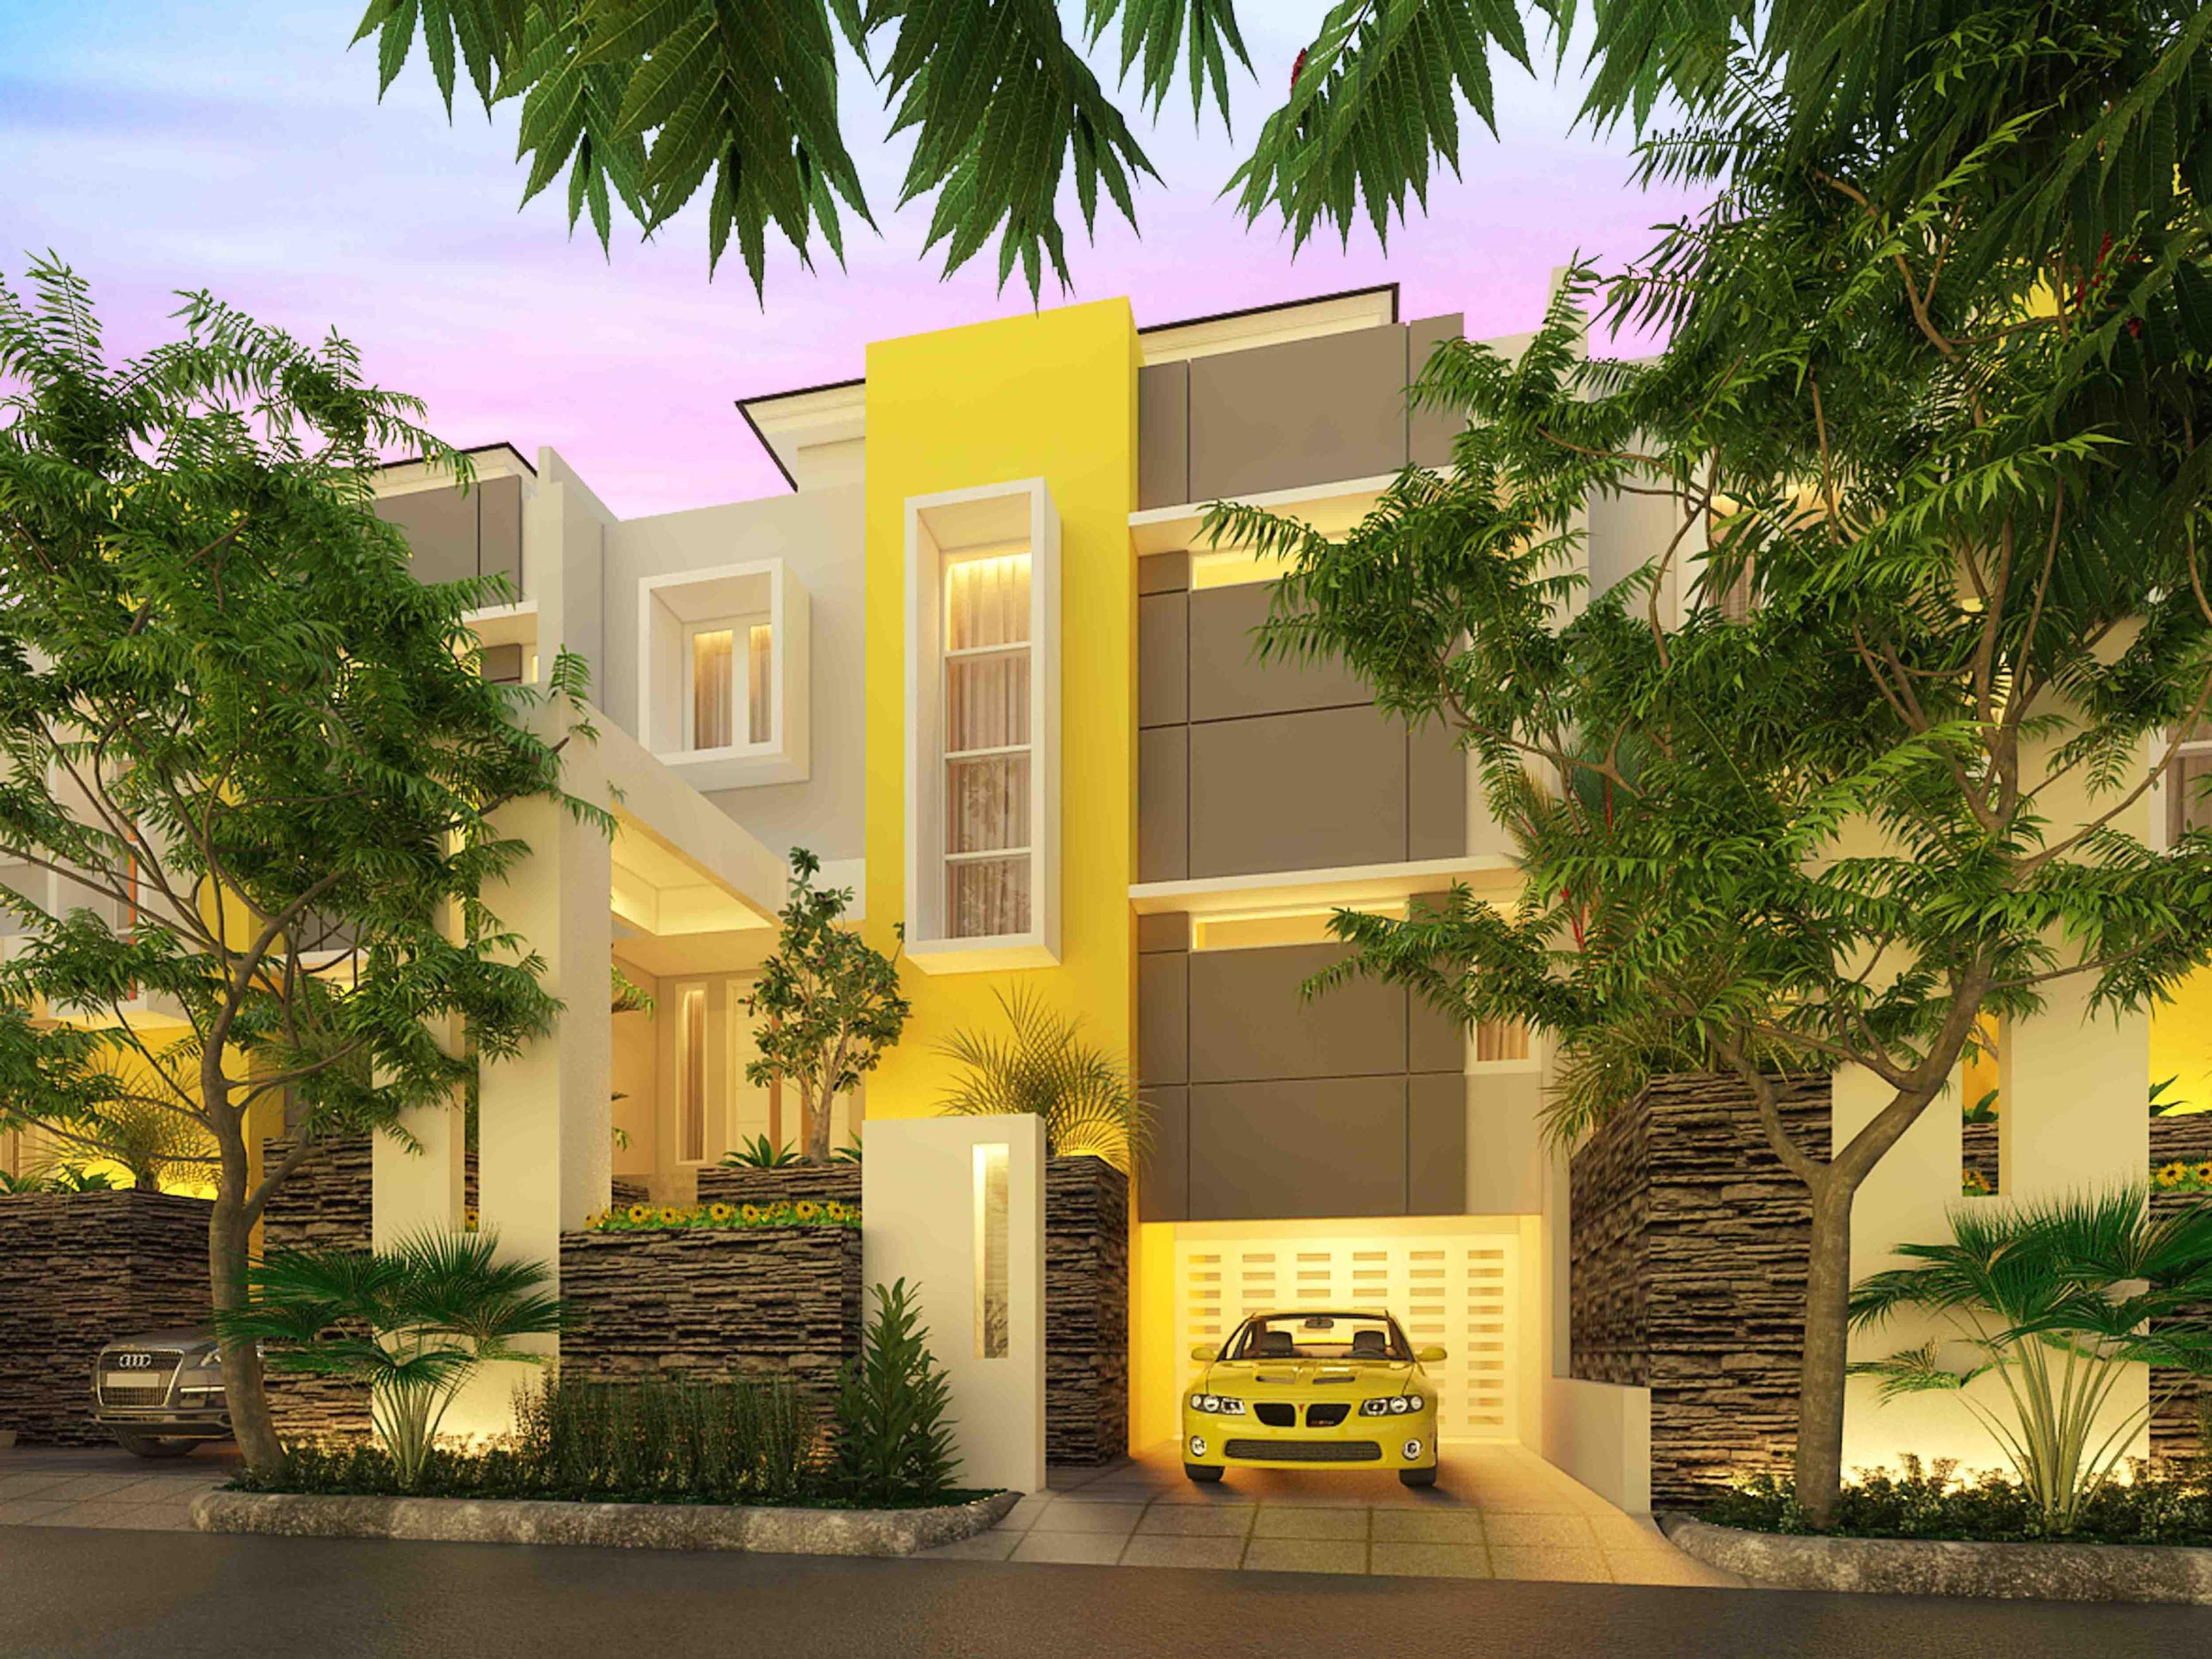 A2M Architect Indo Hera Permata Residence Balikpapan Kota Balikpapan, Kalimantan Timur, Indonesia Kota Balikpapan, Kalimantan Timur, Indonesia Front View Rendering   43670